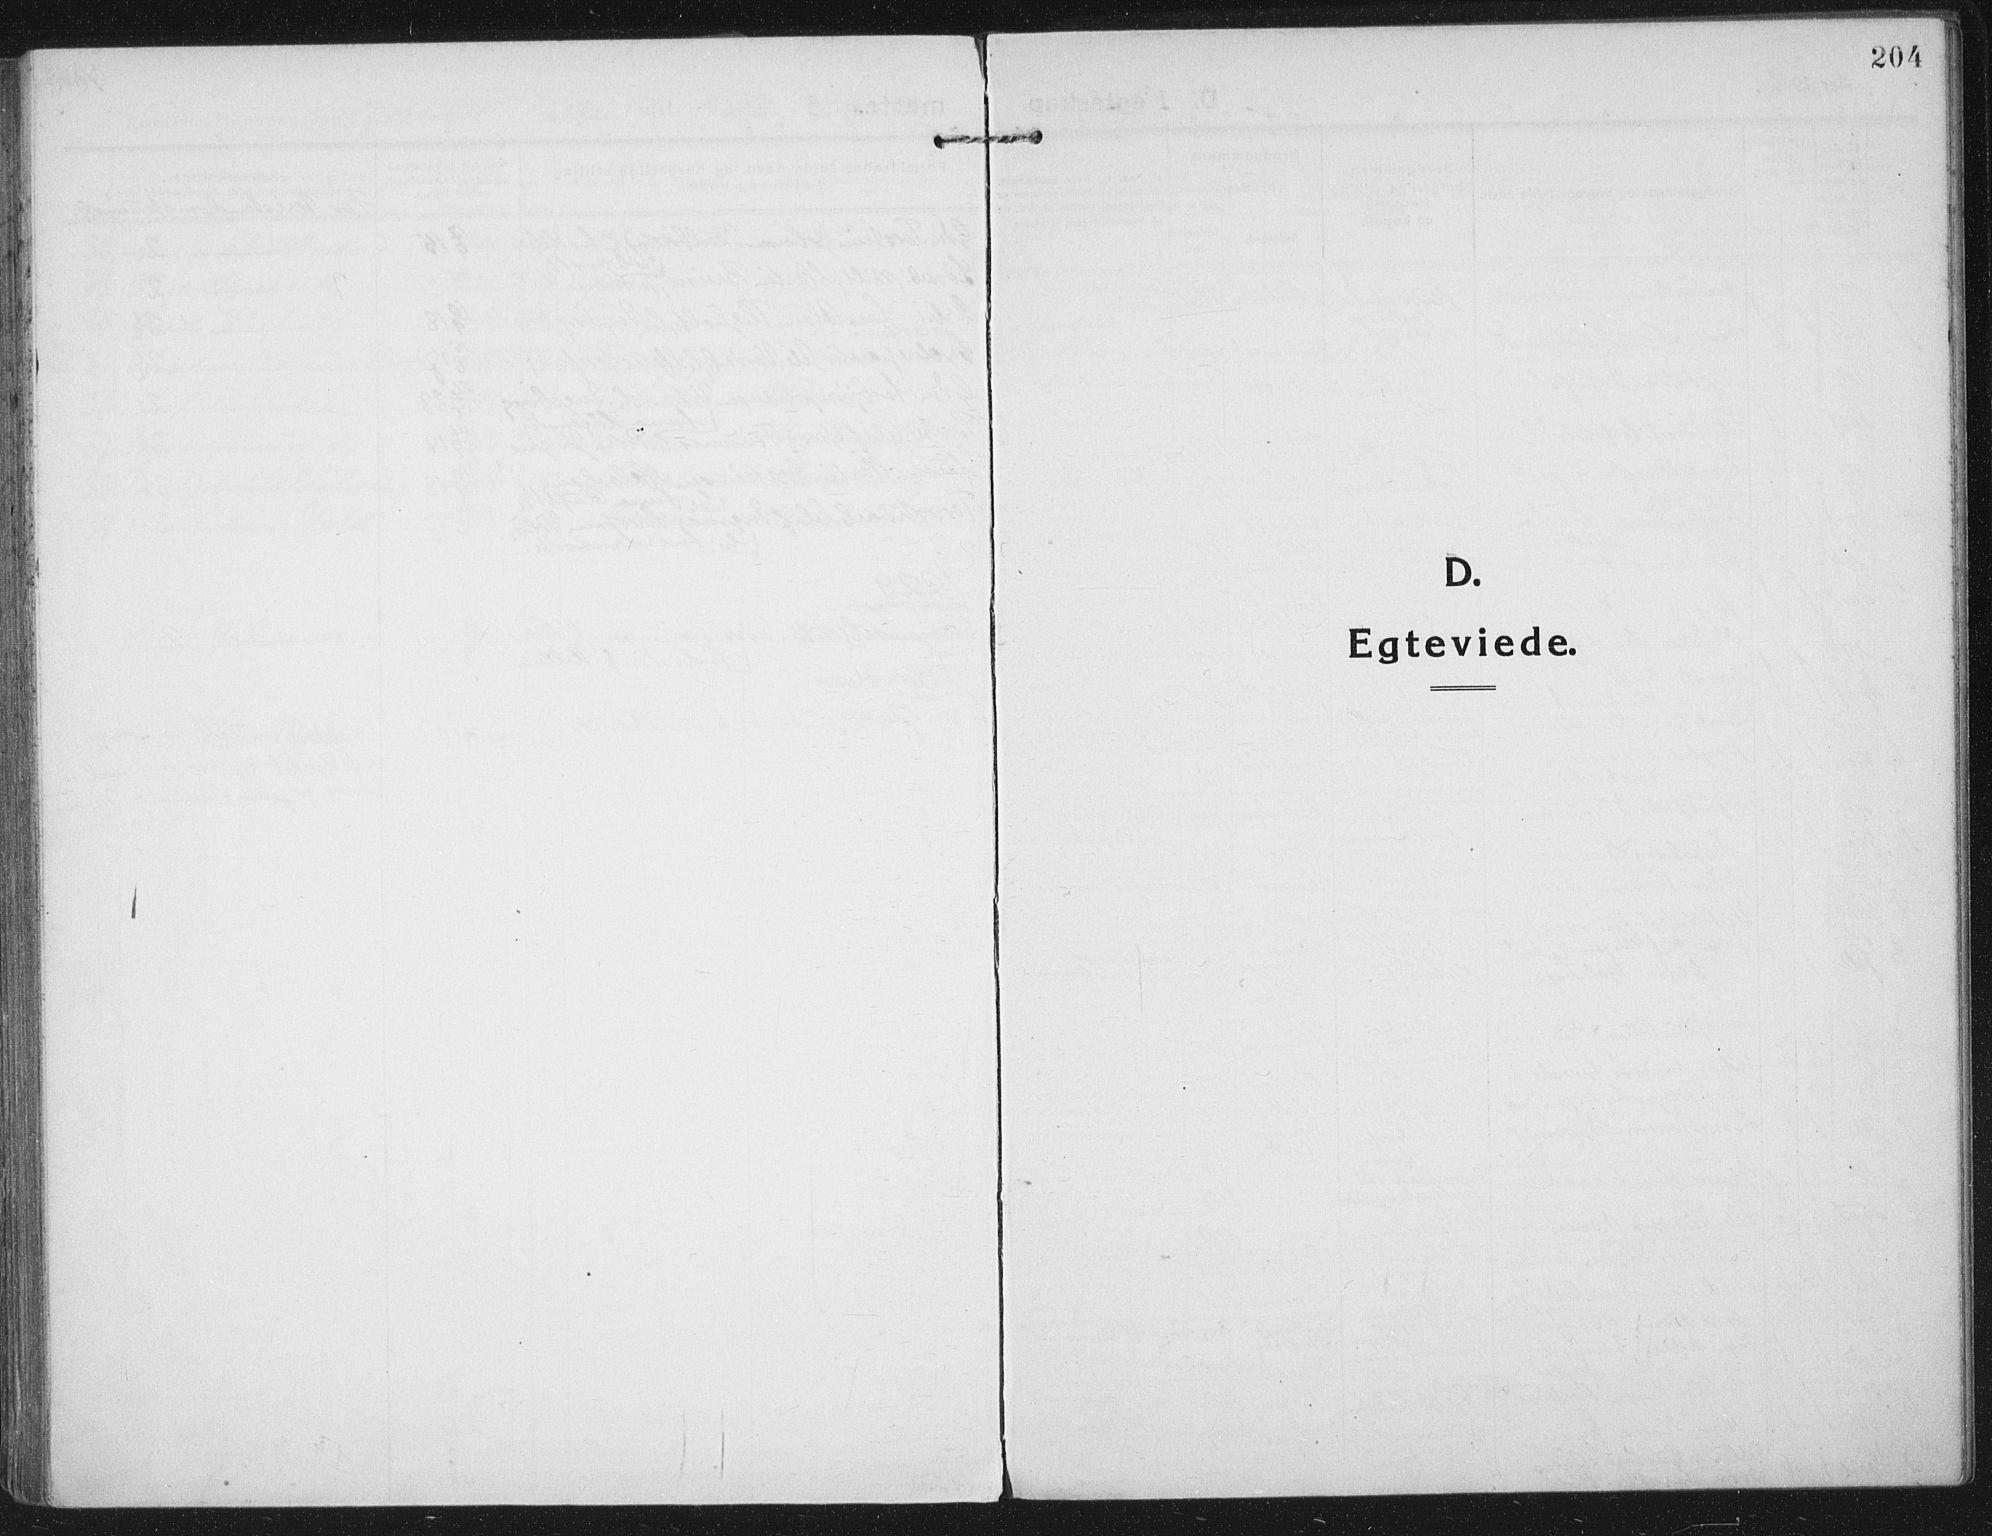 SAT, Ministerialprotokoller, klokkerbøker og fødselsregistre - Nord-Trøndelag, 709/L0083: Ministerialbok nr. 709A23, 1916-1928, s. 204